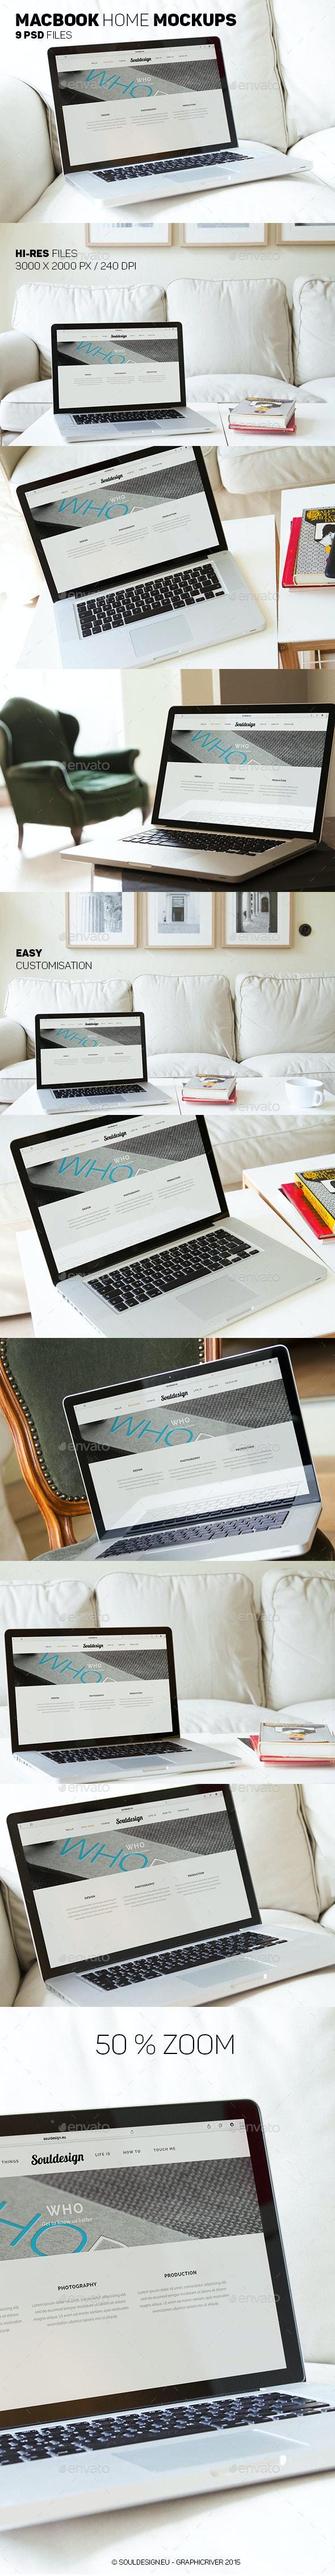 Premium MacBook Mockups - Laptop Displays